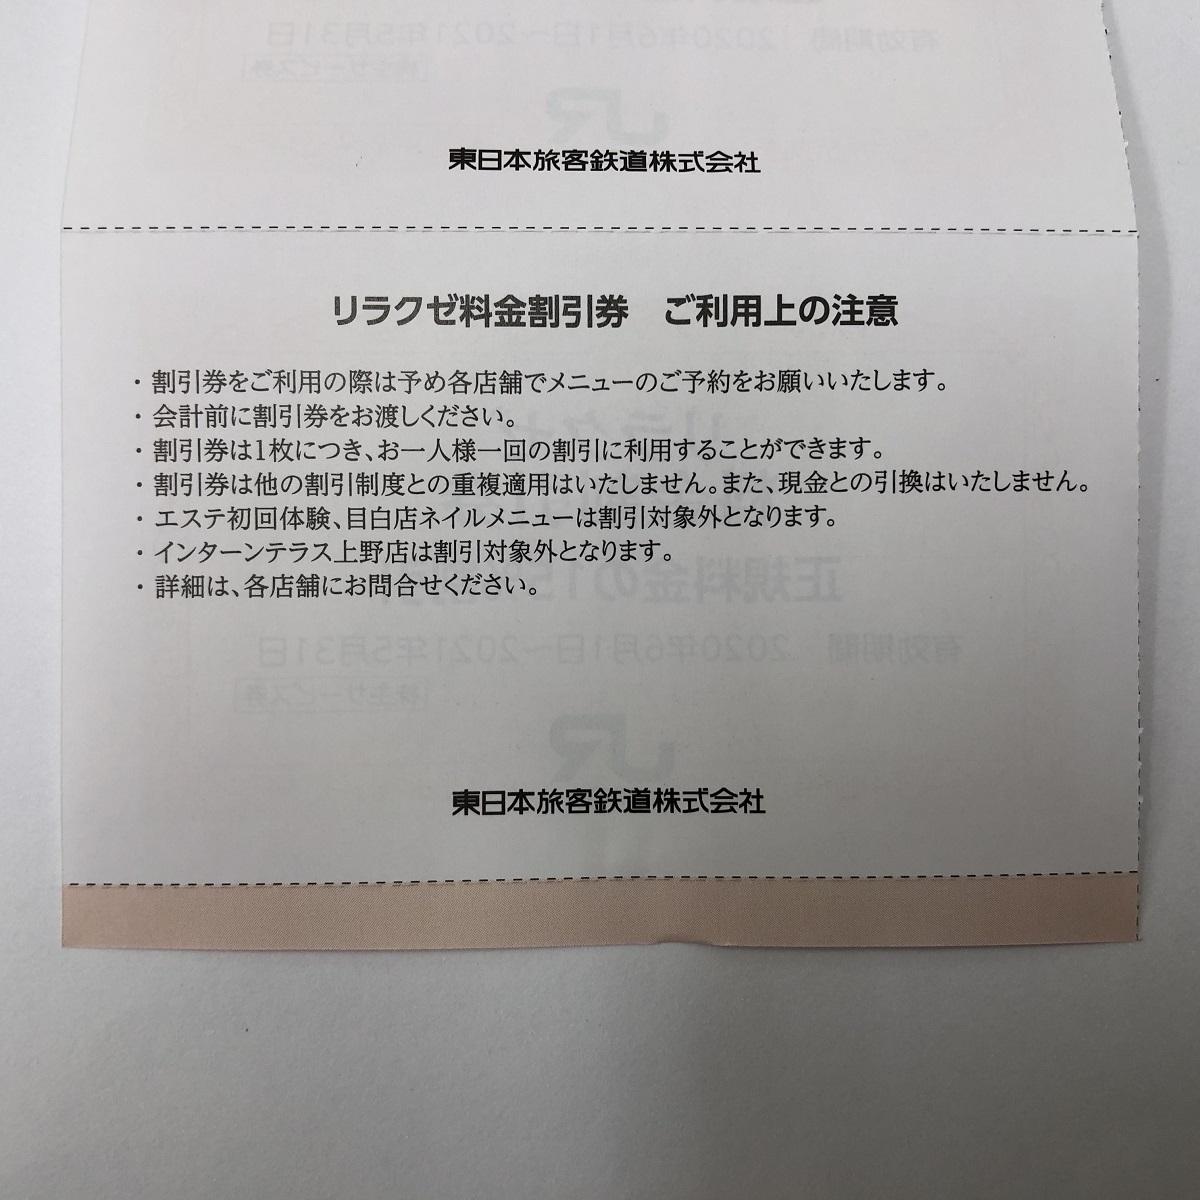 【大黒屋】即決 JR東日本株主優待券 リラクゼ料金15%割引券 3枚セット 有効期限:2021年5月31日迄 1-5セット_画像2